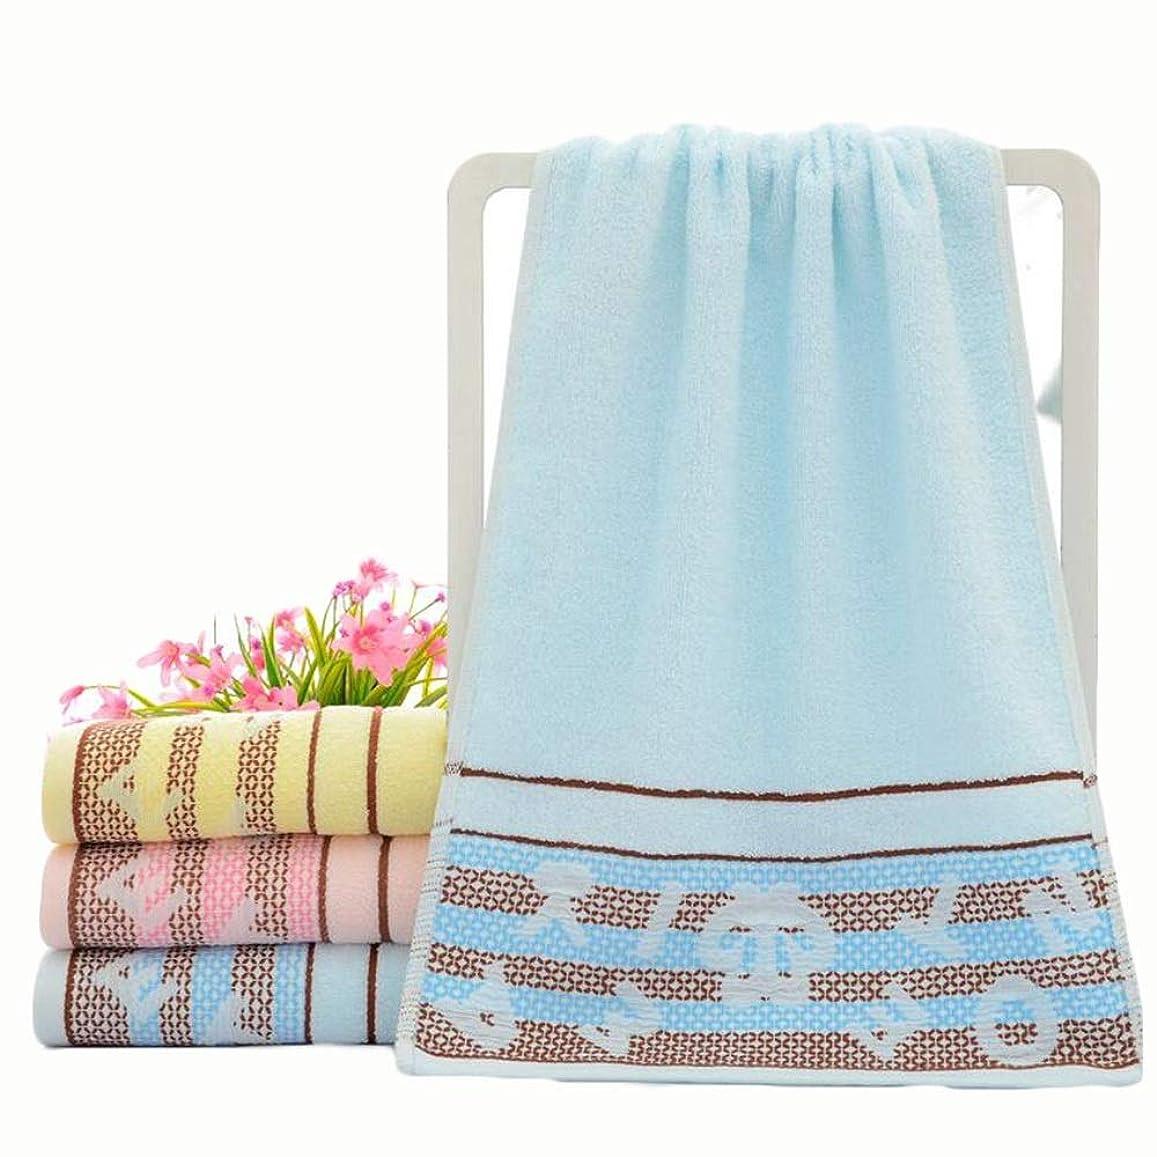 ハンサム反毒行商CXUNKK 2PCS / LOT家庭用綿洗いソフト吸収カップルタオル (Color : Blue)